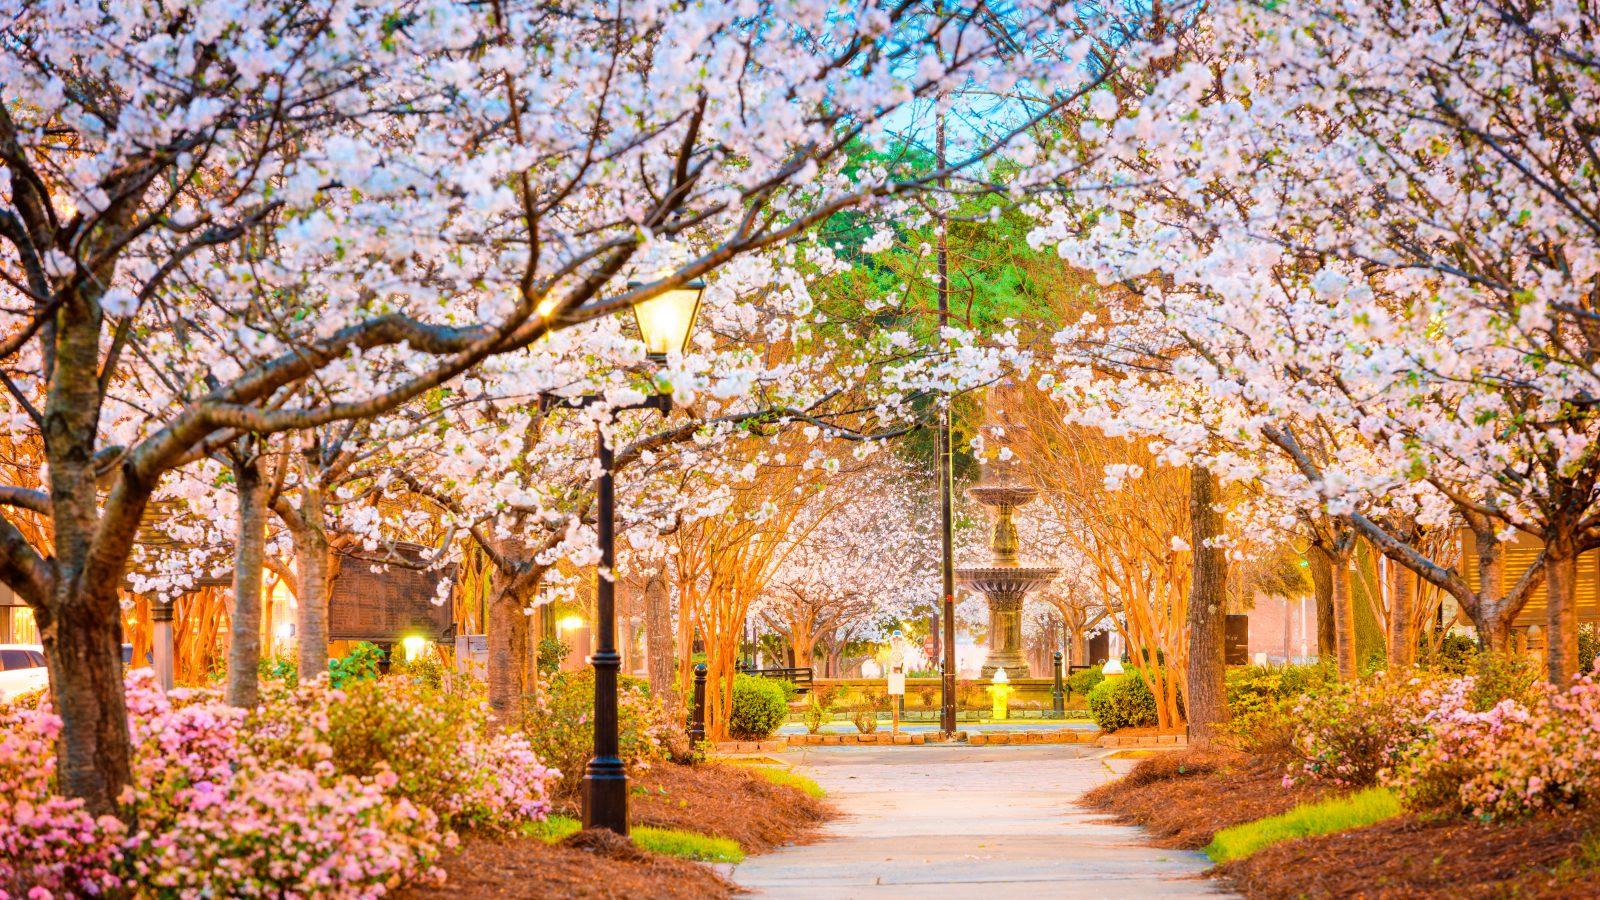 cherry blossoms in macon georgia